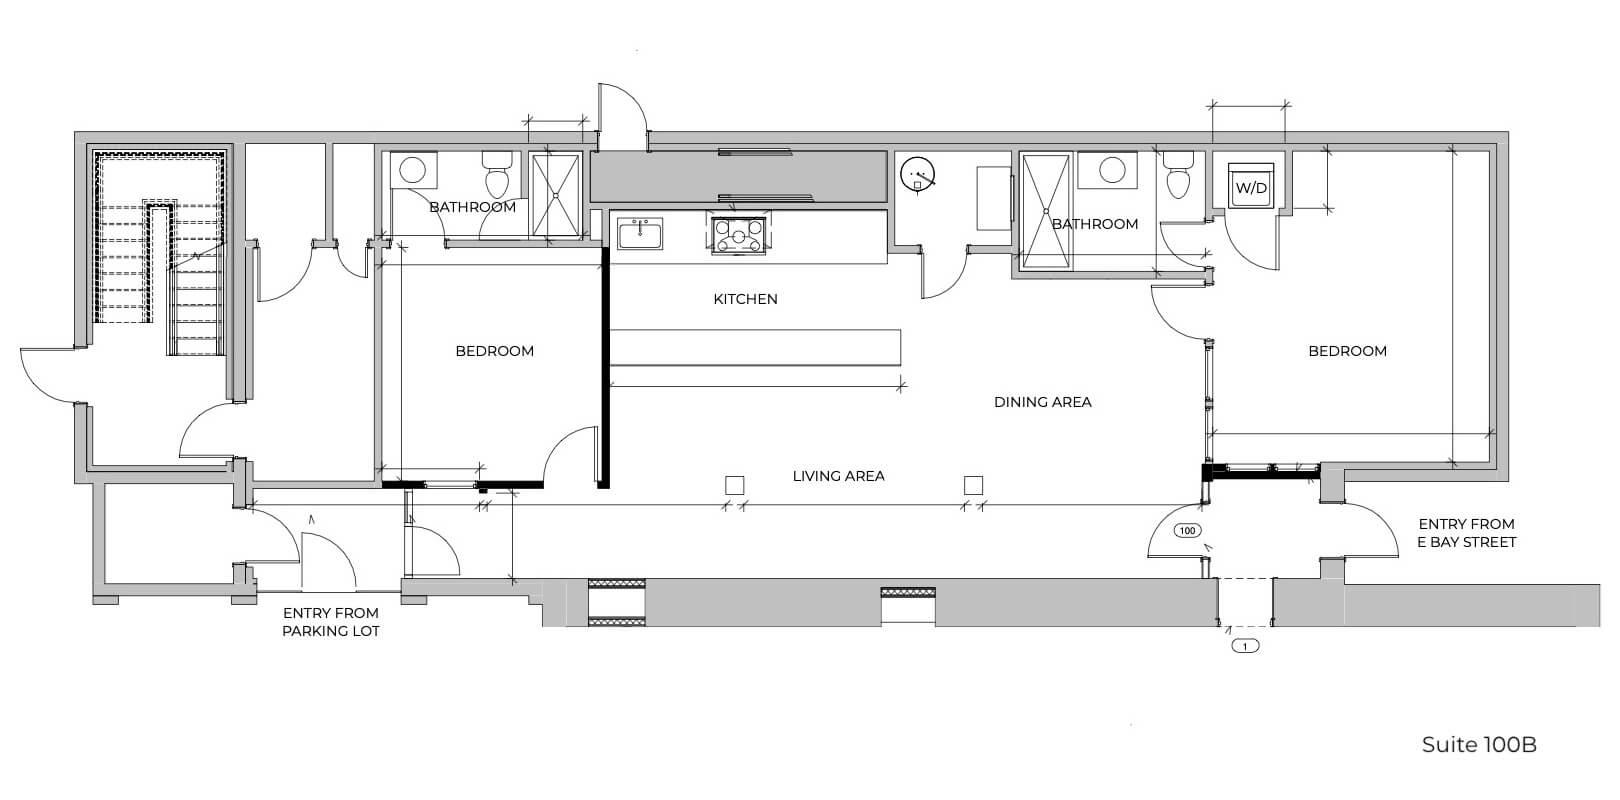 Suite 100B Floor Plan